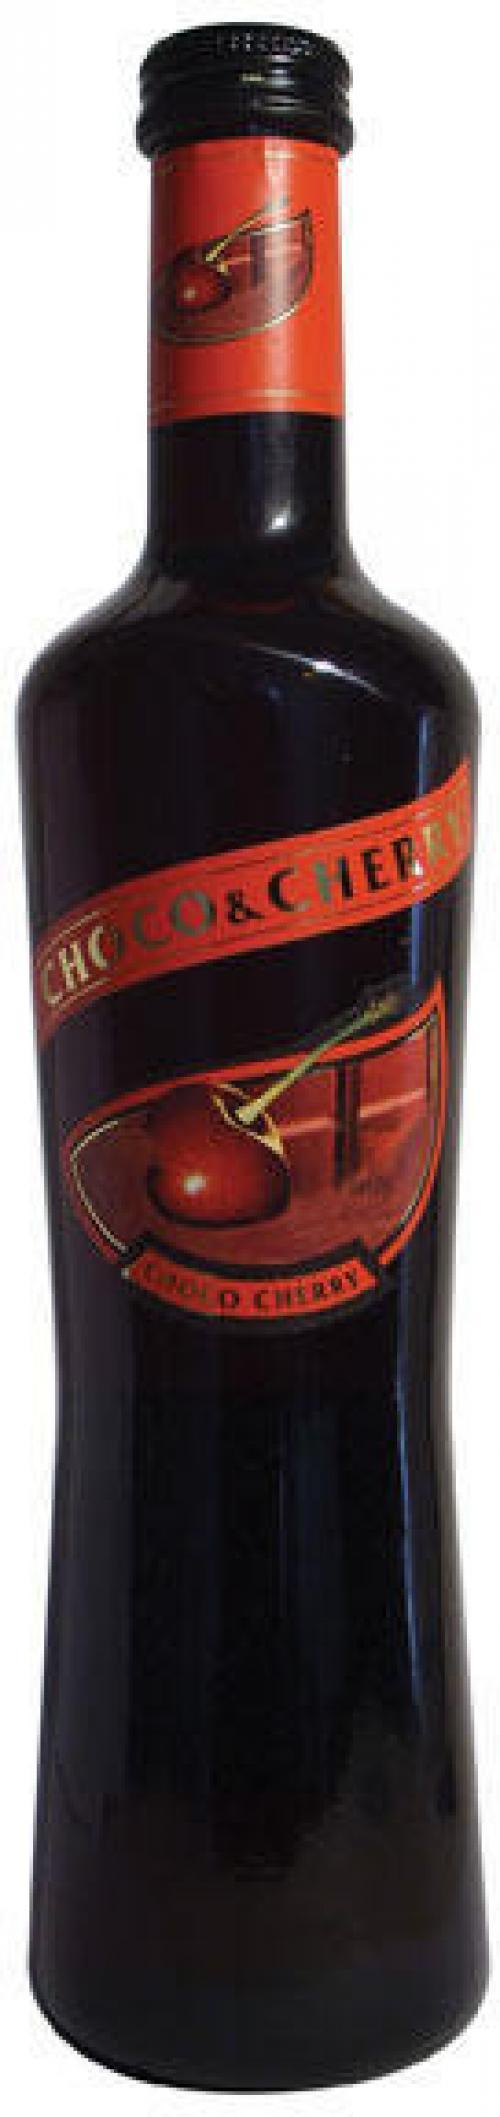 Choco Cherry | Csapolt.hu